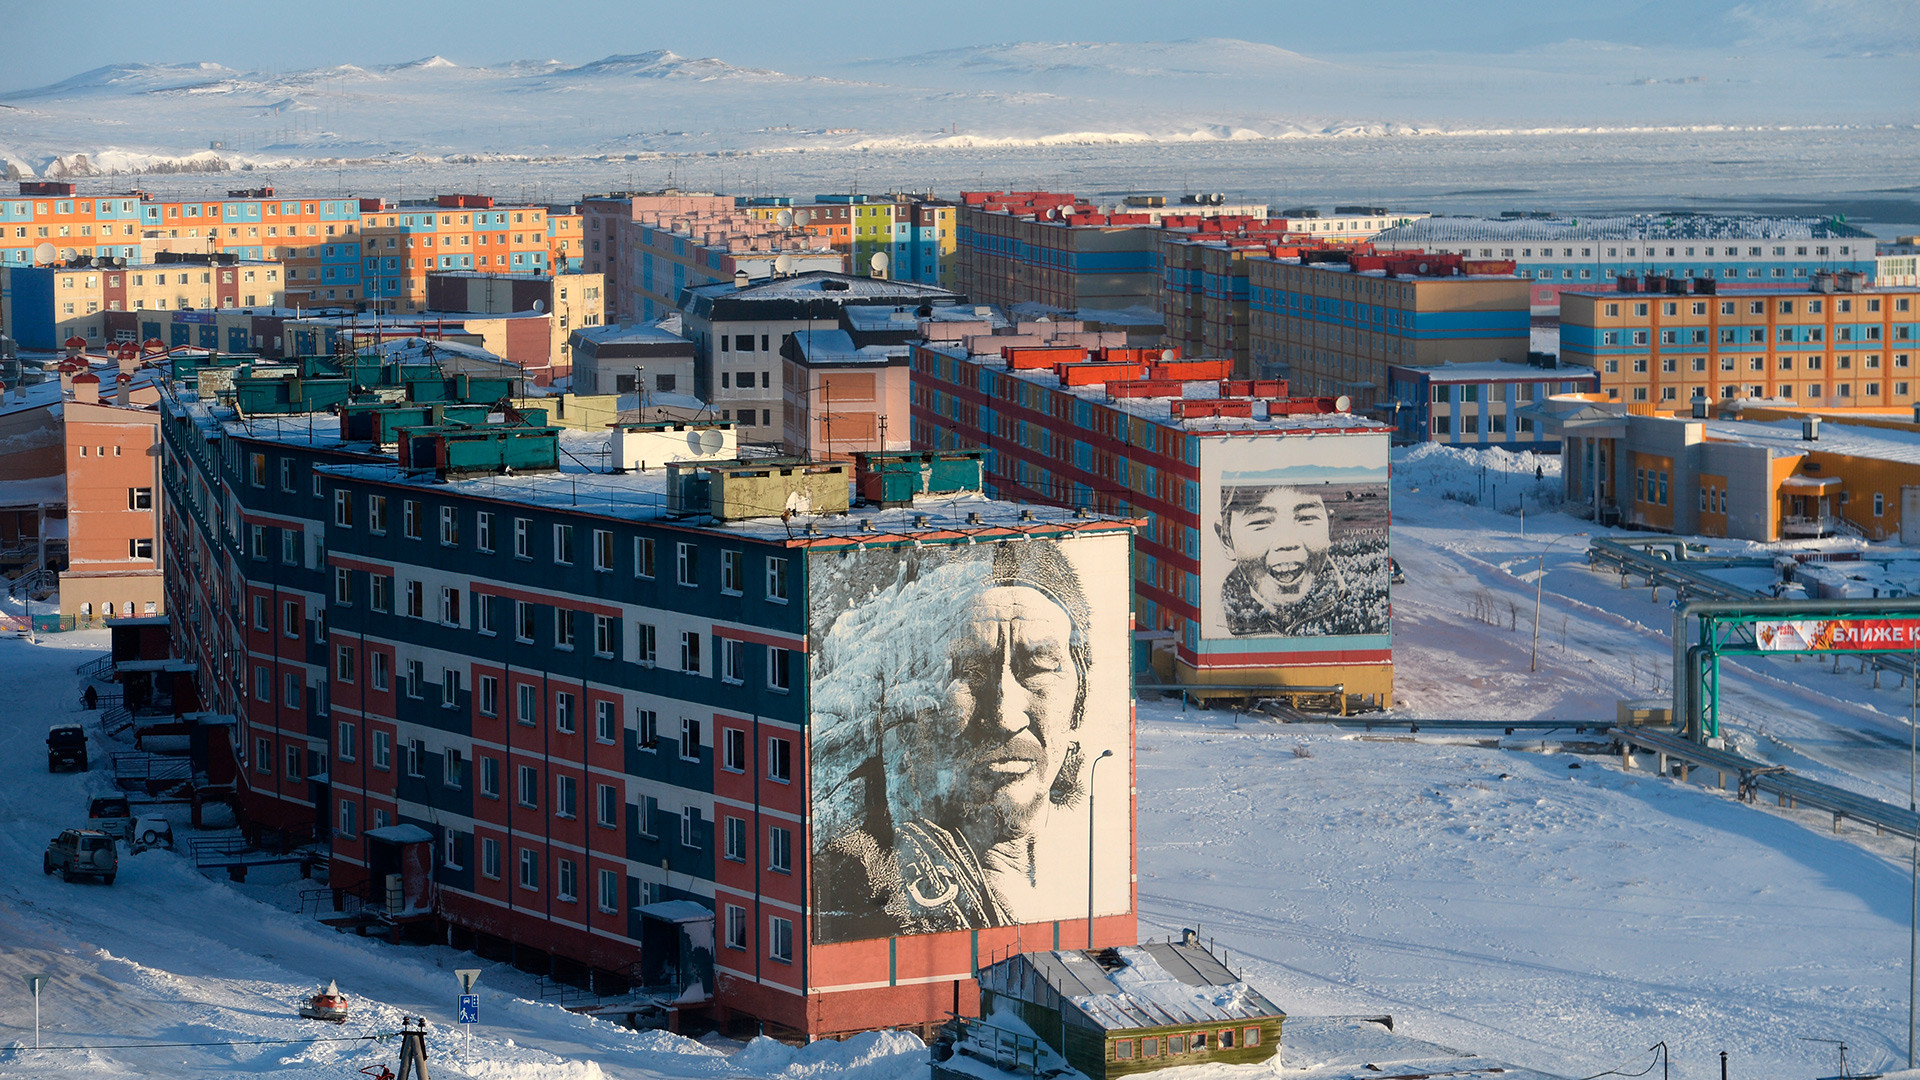 Станбени згради во денешниот Анадир, главниот град на Чукотскиот автономен  округ на Руската Федерација.